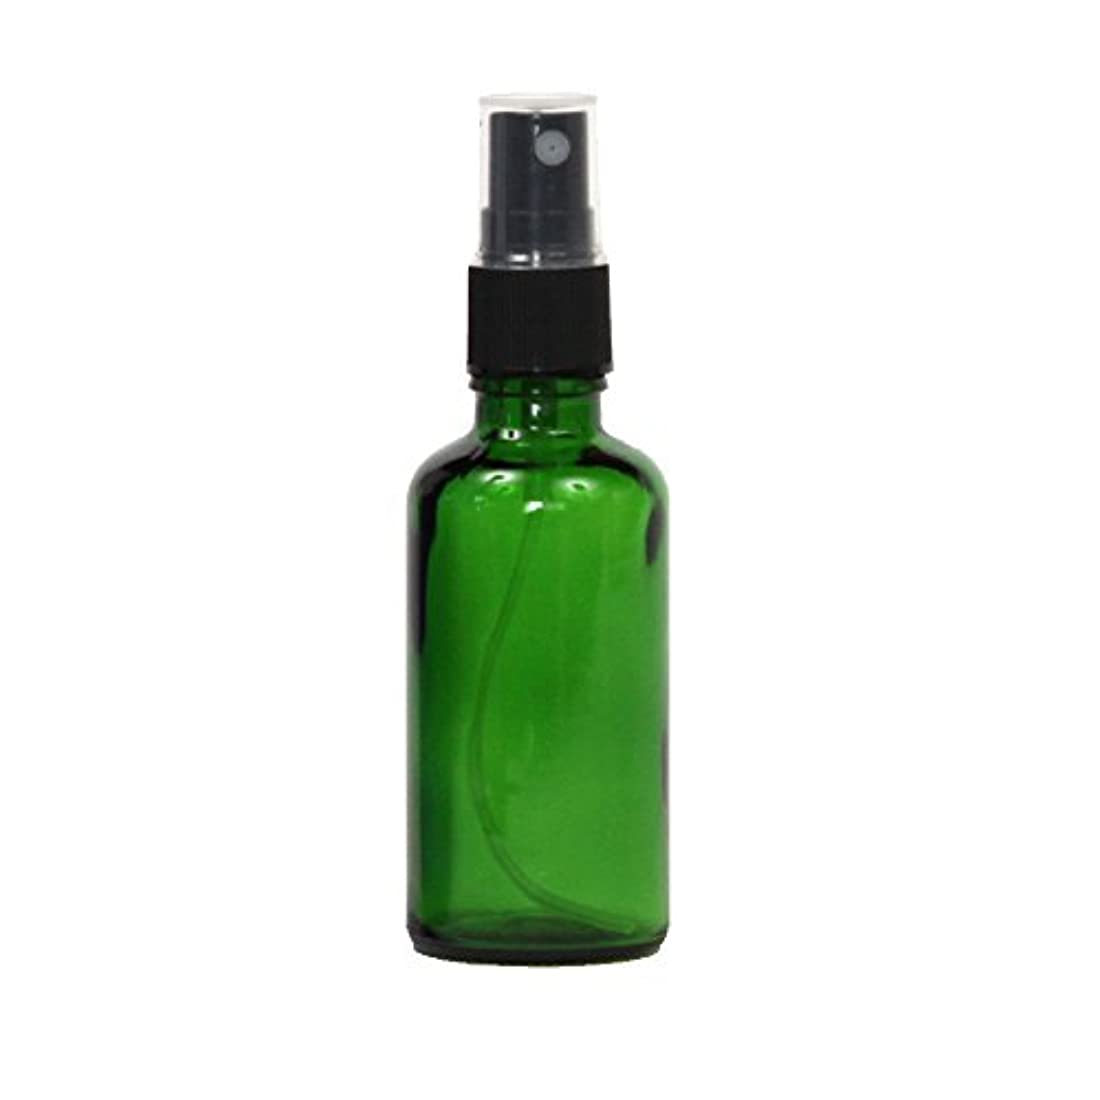 禁じるカーペット可聴スプレーボトル容器 ガラス瓶 50mL 遮光性グリーン ガラスアトマイザー 空容器gr50g